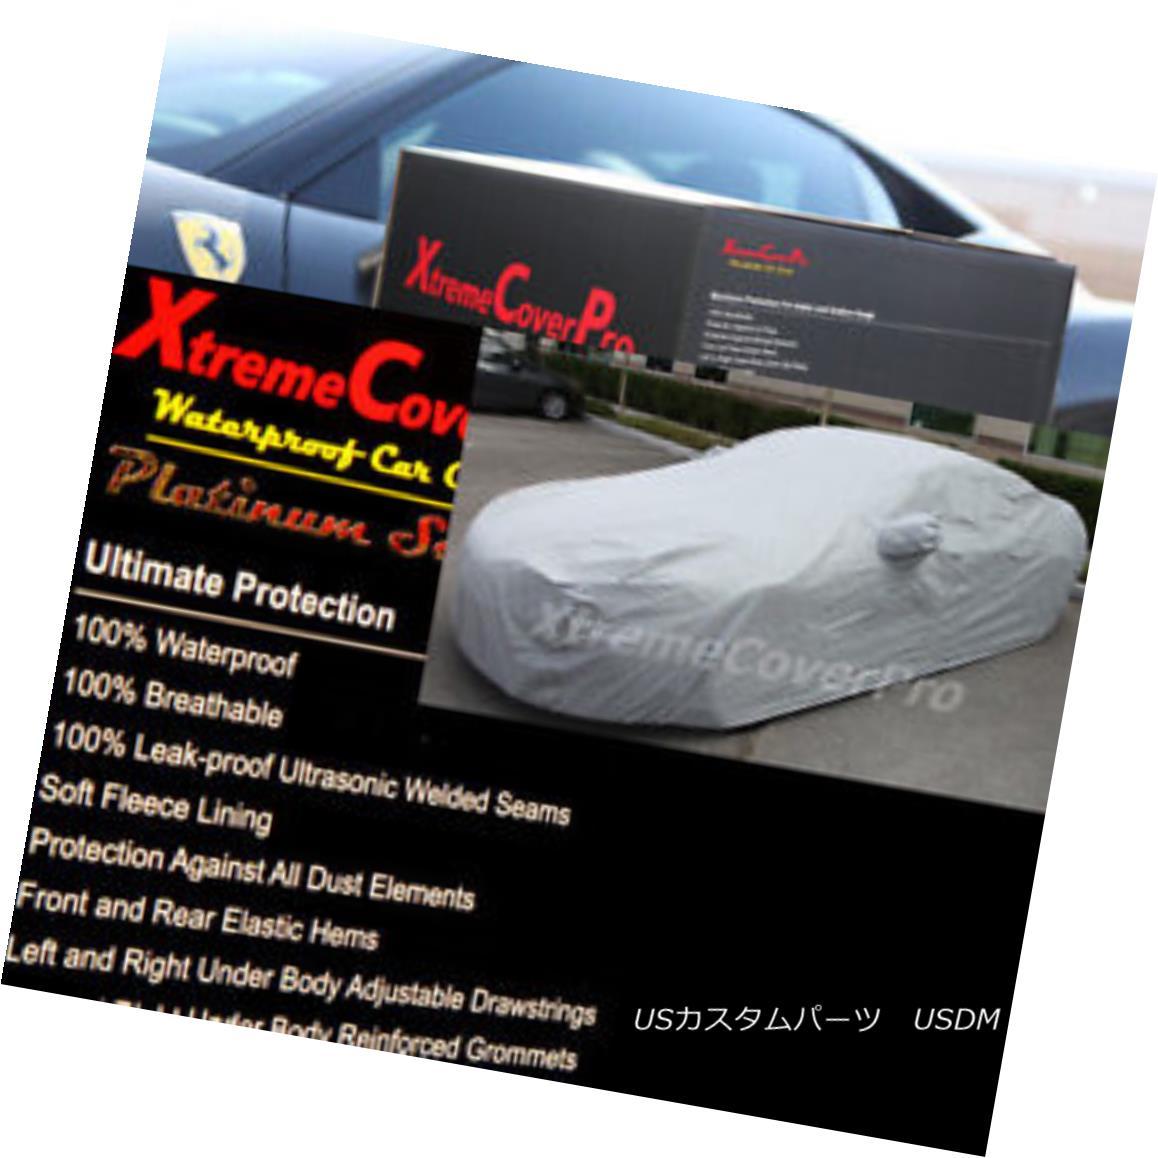 カーカバー 2000 2001 2002 2003 2004 Jaguar S-TYPE Waterproof Car Cover w/MirrorPocket 2000年2001年2002年2003年2004ジャガーS型防水カーカバー付きMirrorPocket